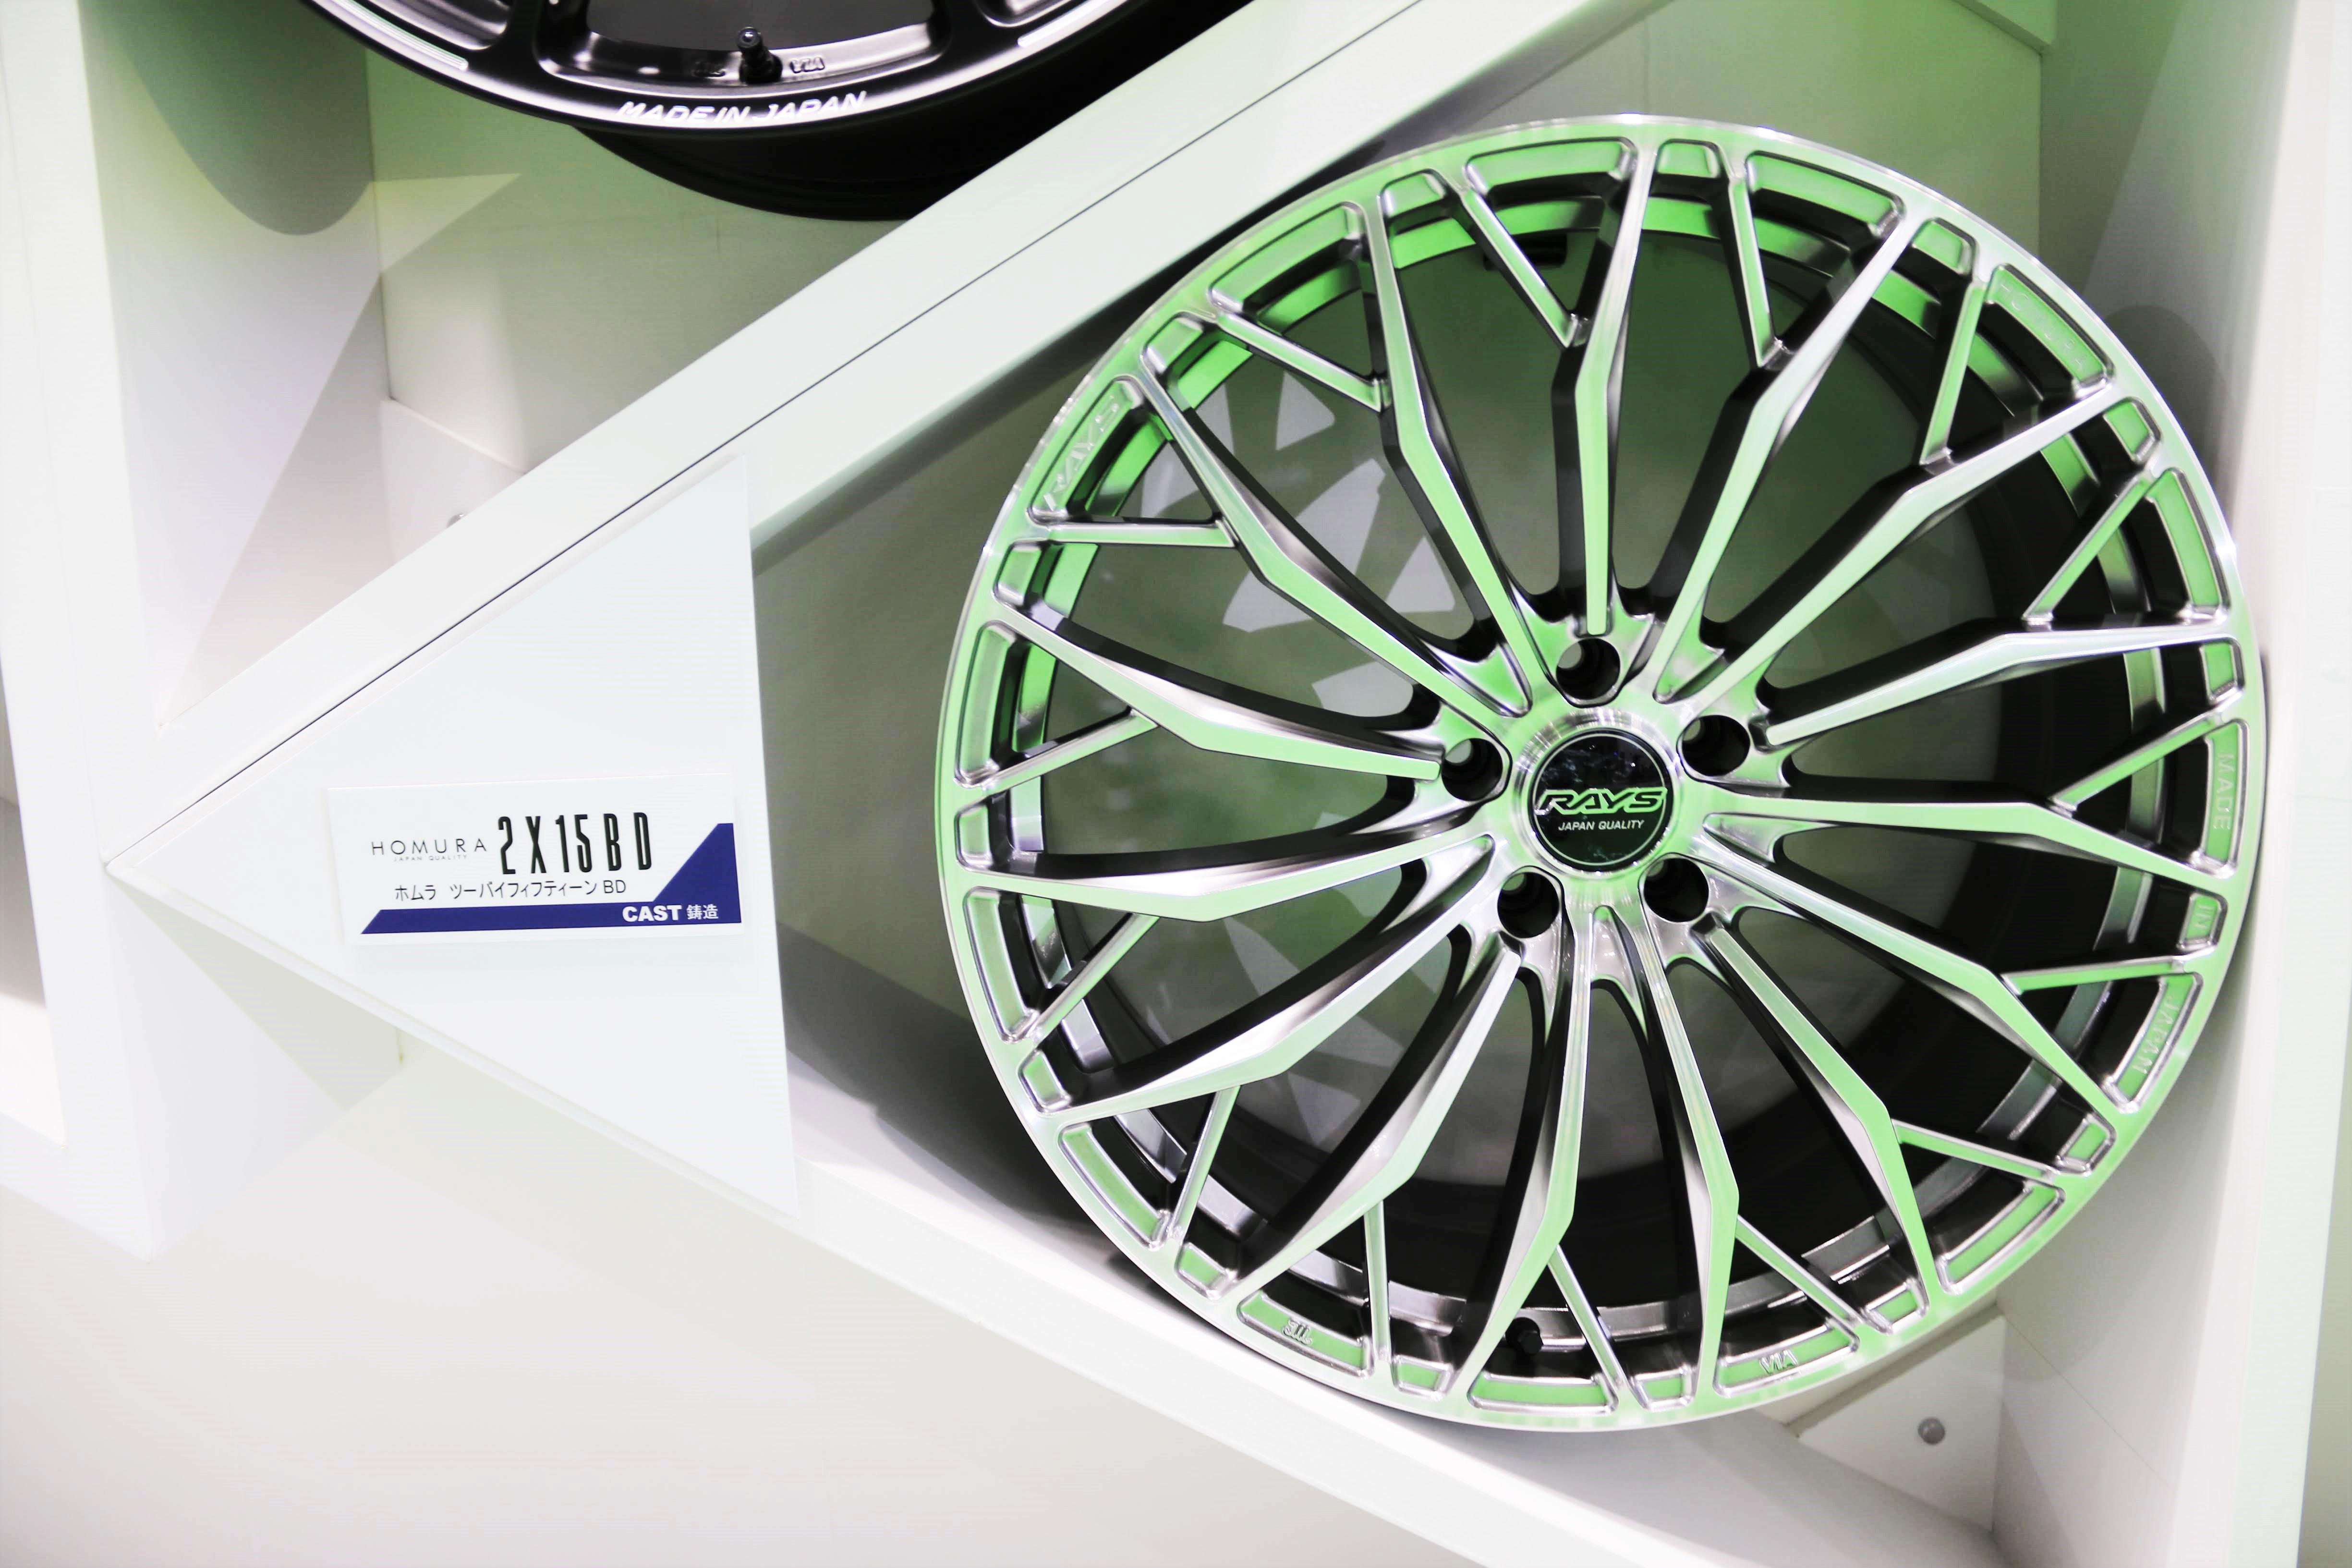 レイズ、SUPER GT GT500用レーシングホイールの2020年モデルを公開…東京モーターショー2019